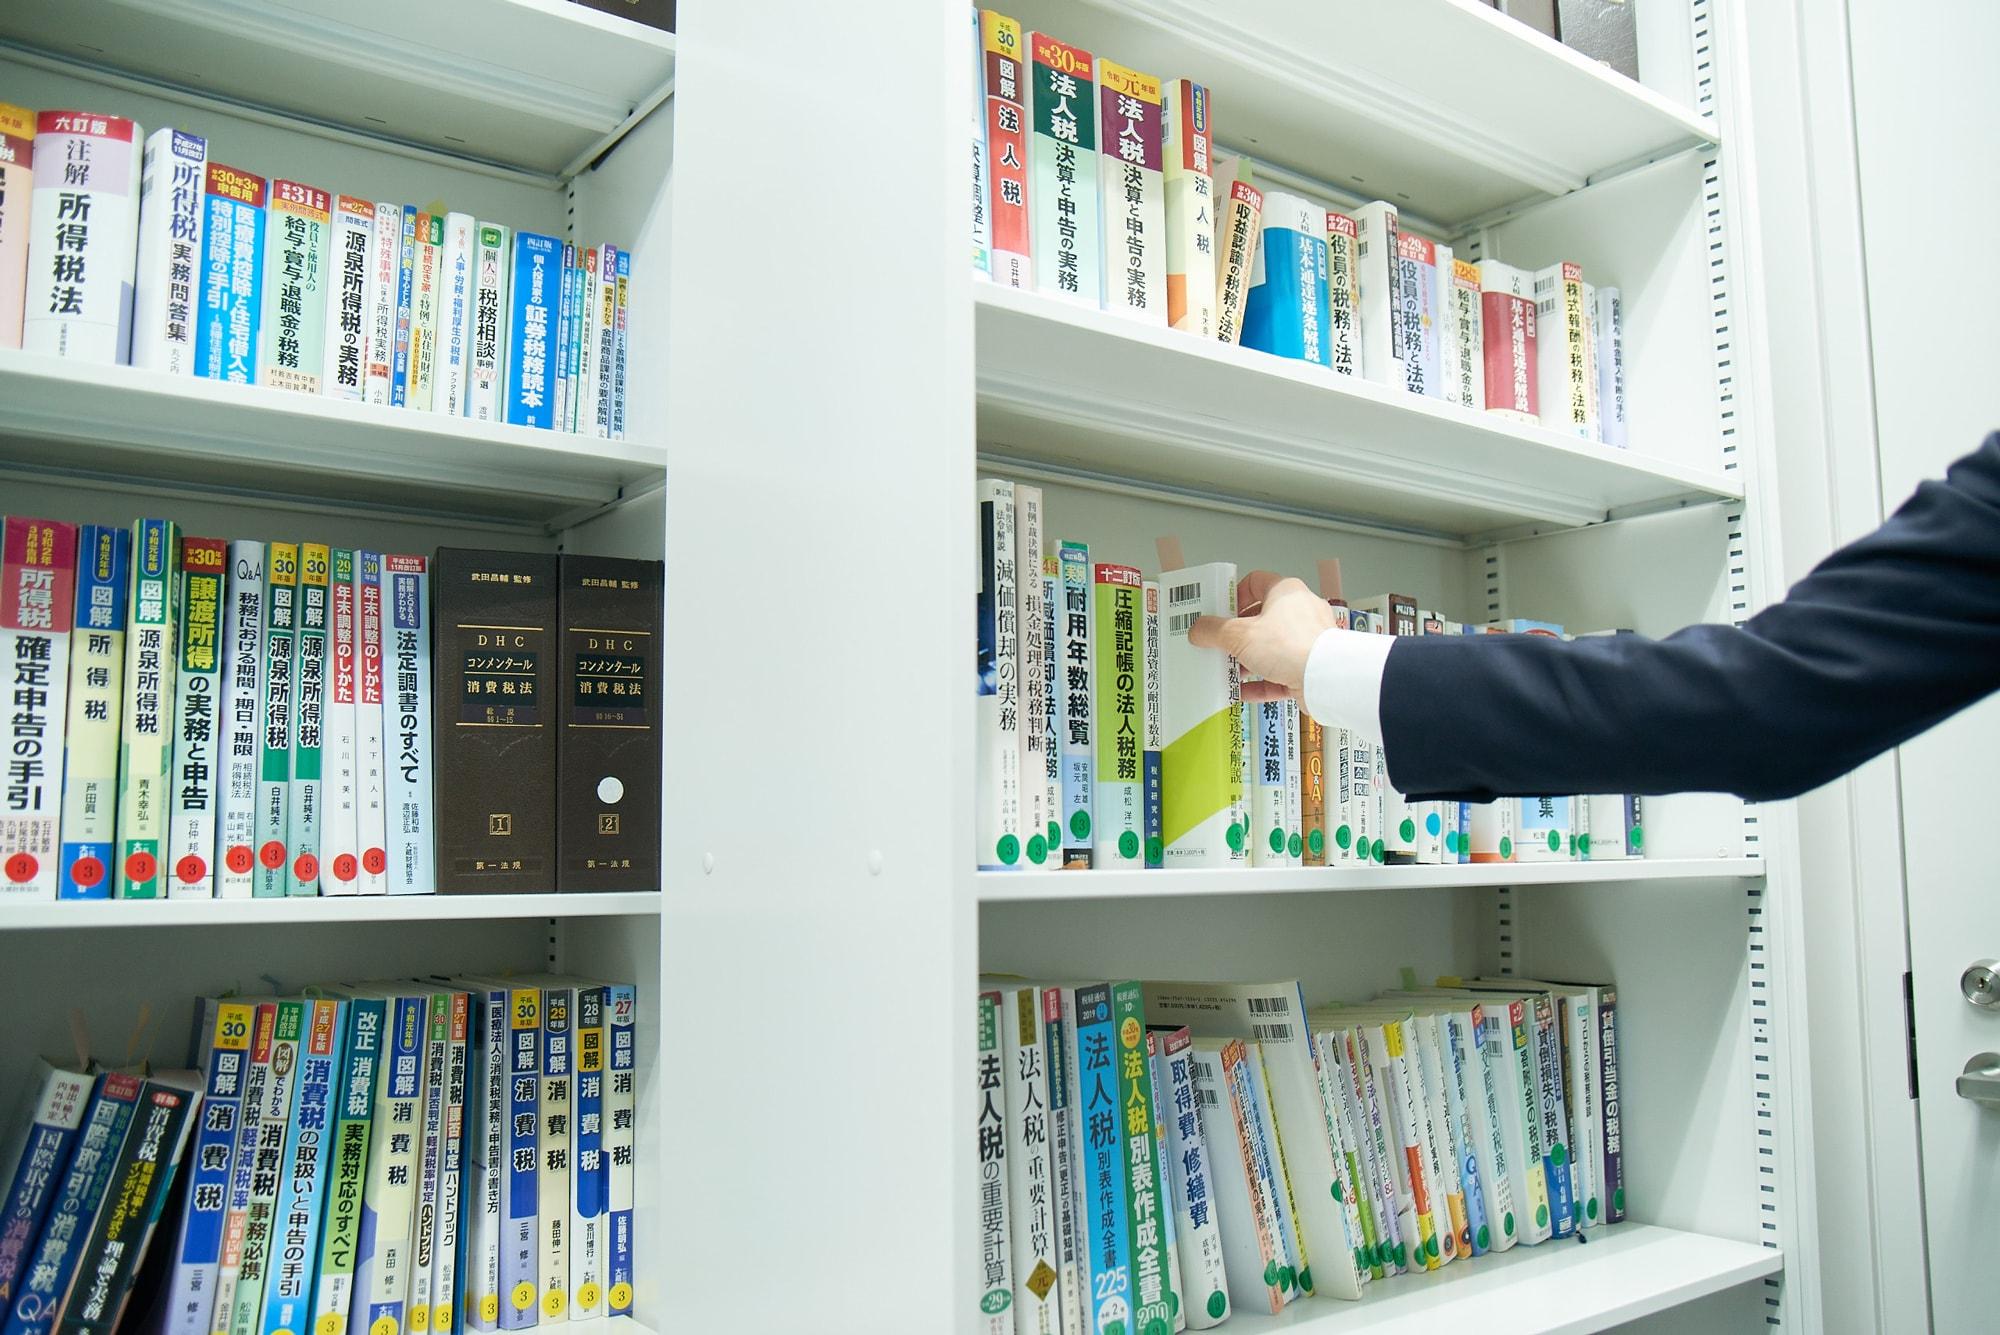 赤坂事務所の各フロアにある「図書ルーム」。業務に必要な法律関係の図書、専門書は一通り揃えています。必要な図書類は希望を出せば随時購入可能です。赤坂以外の全事務所に図書ルームはあります。